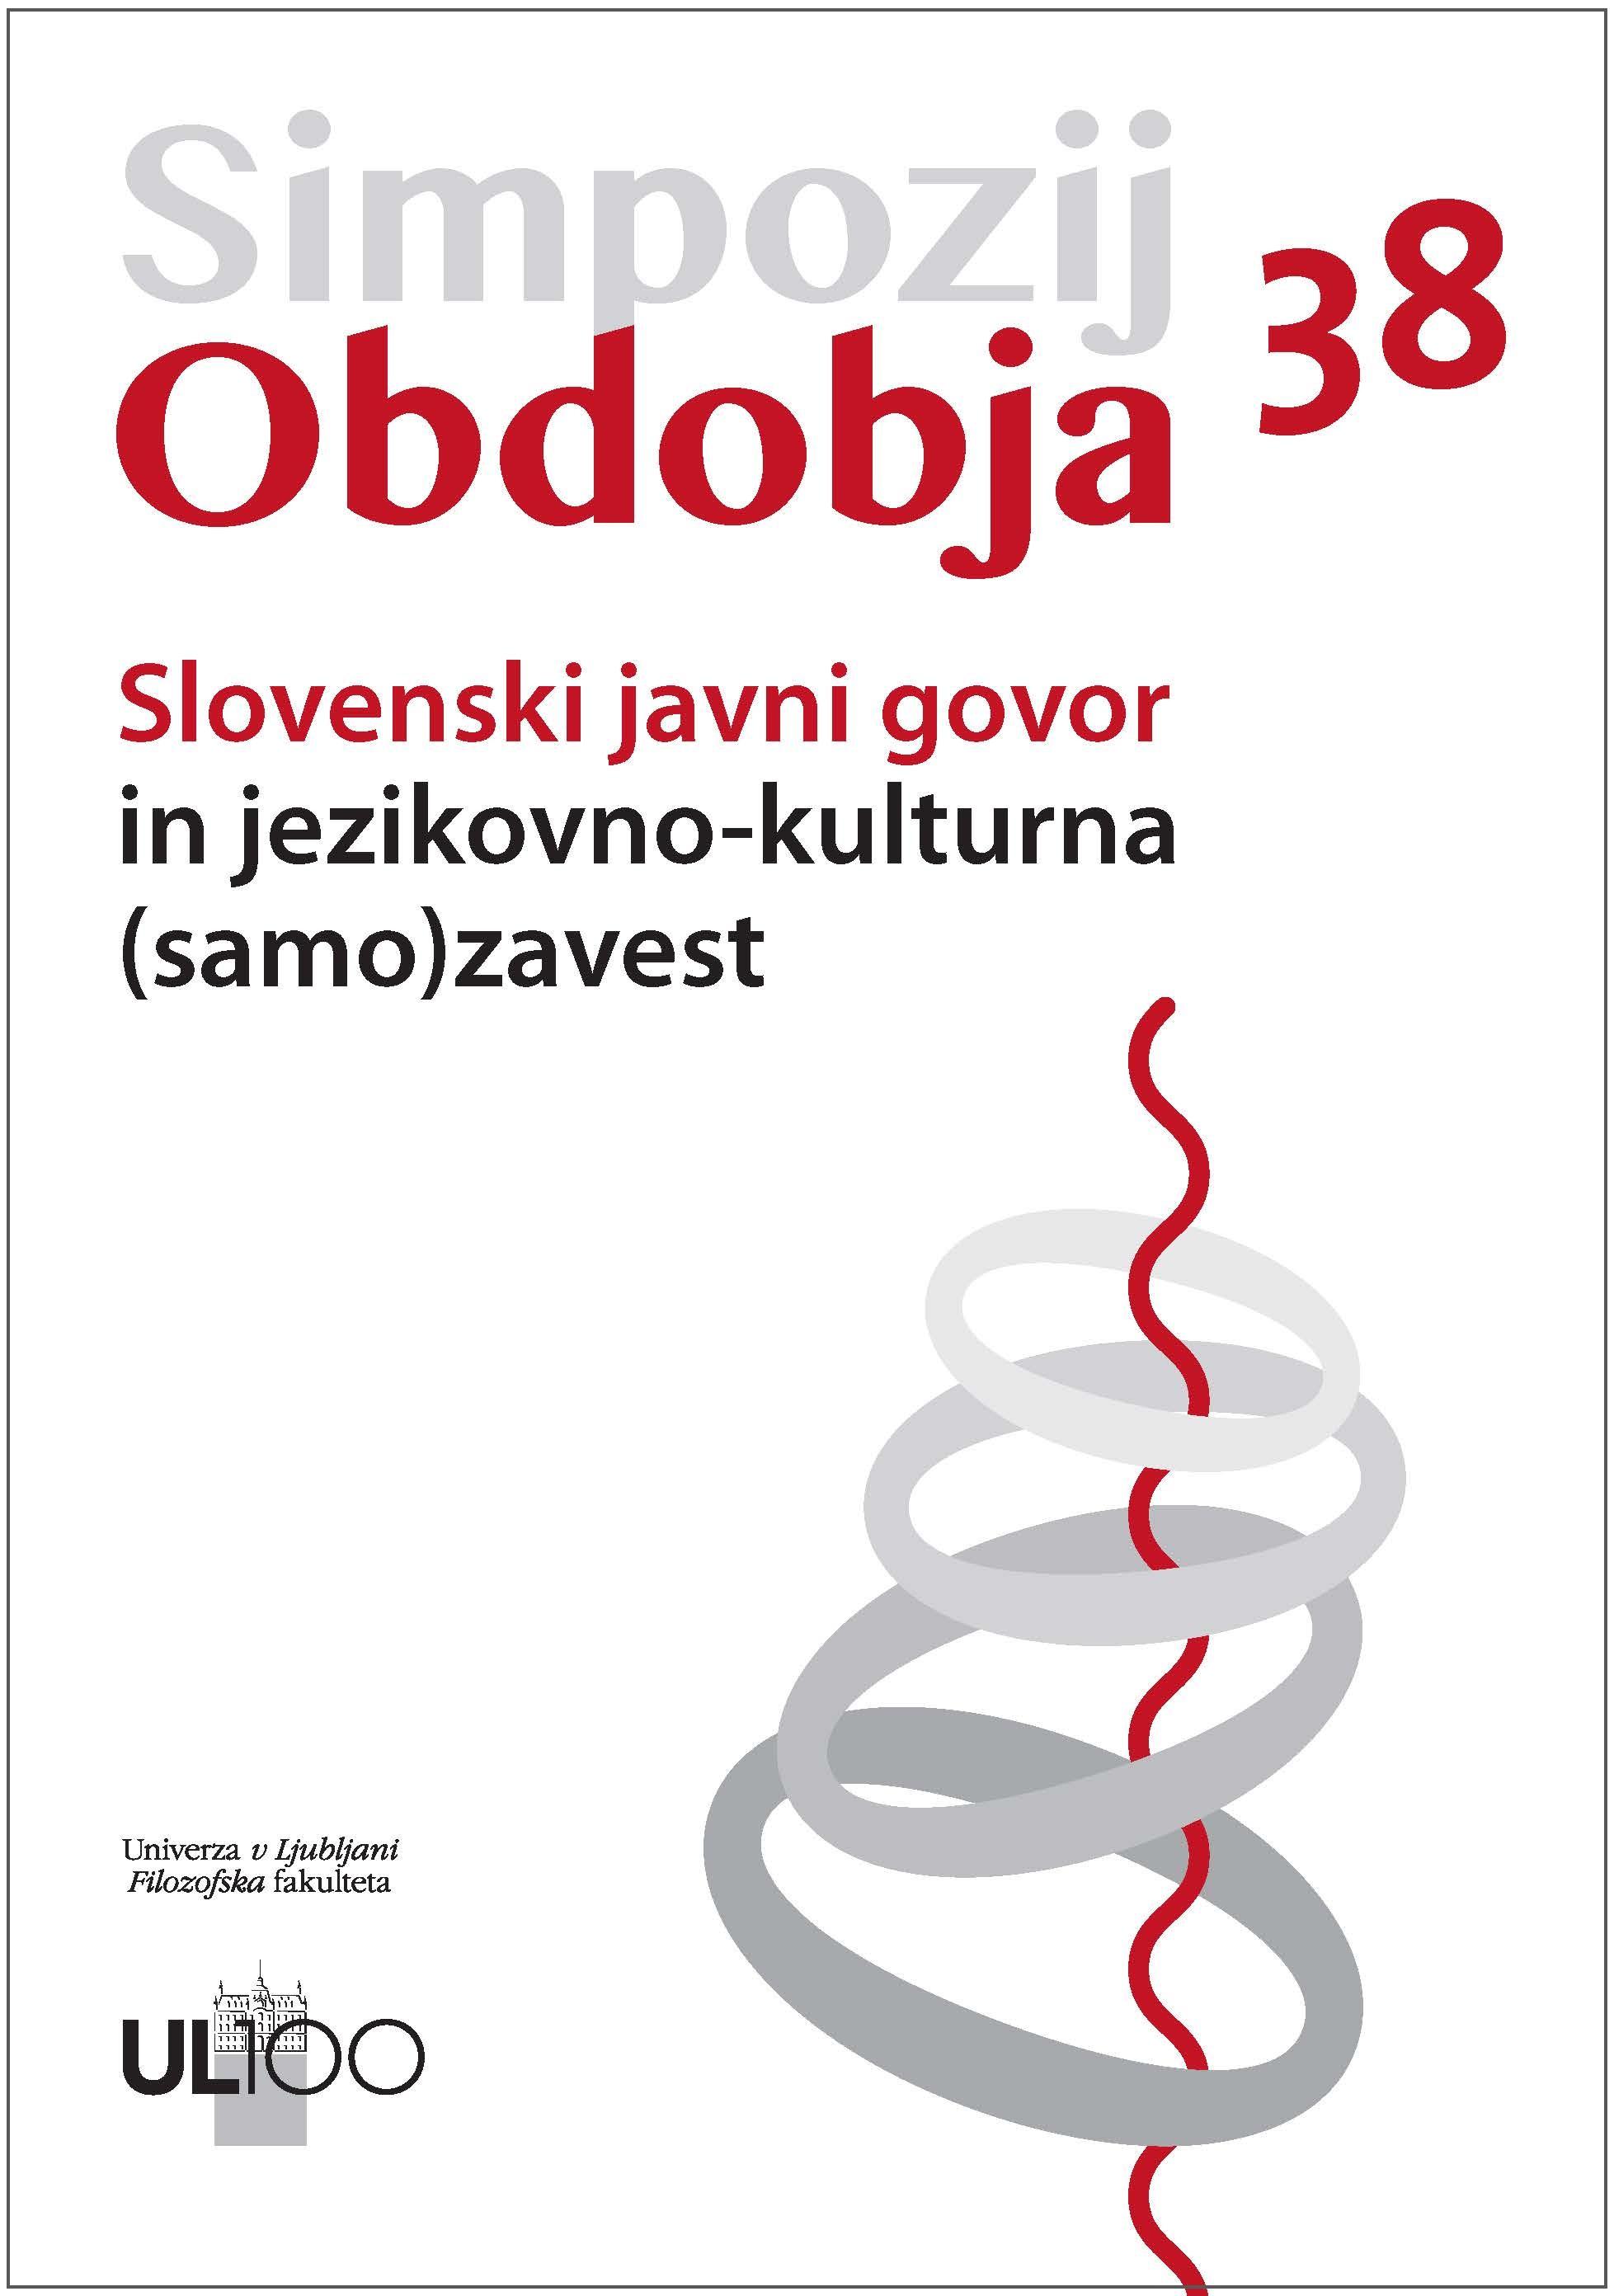 simpozij-obdobja-38